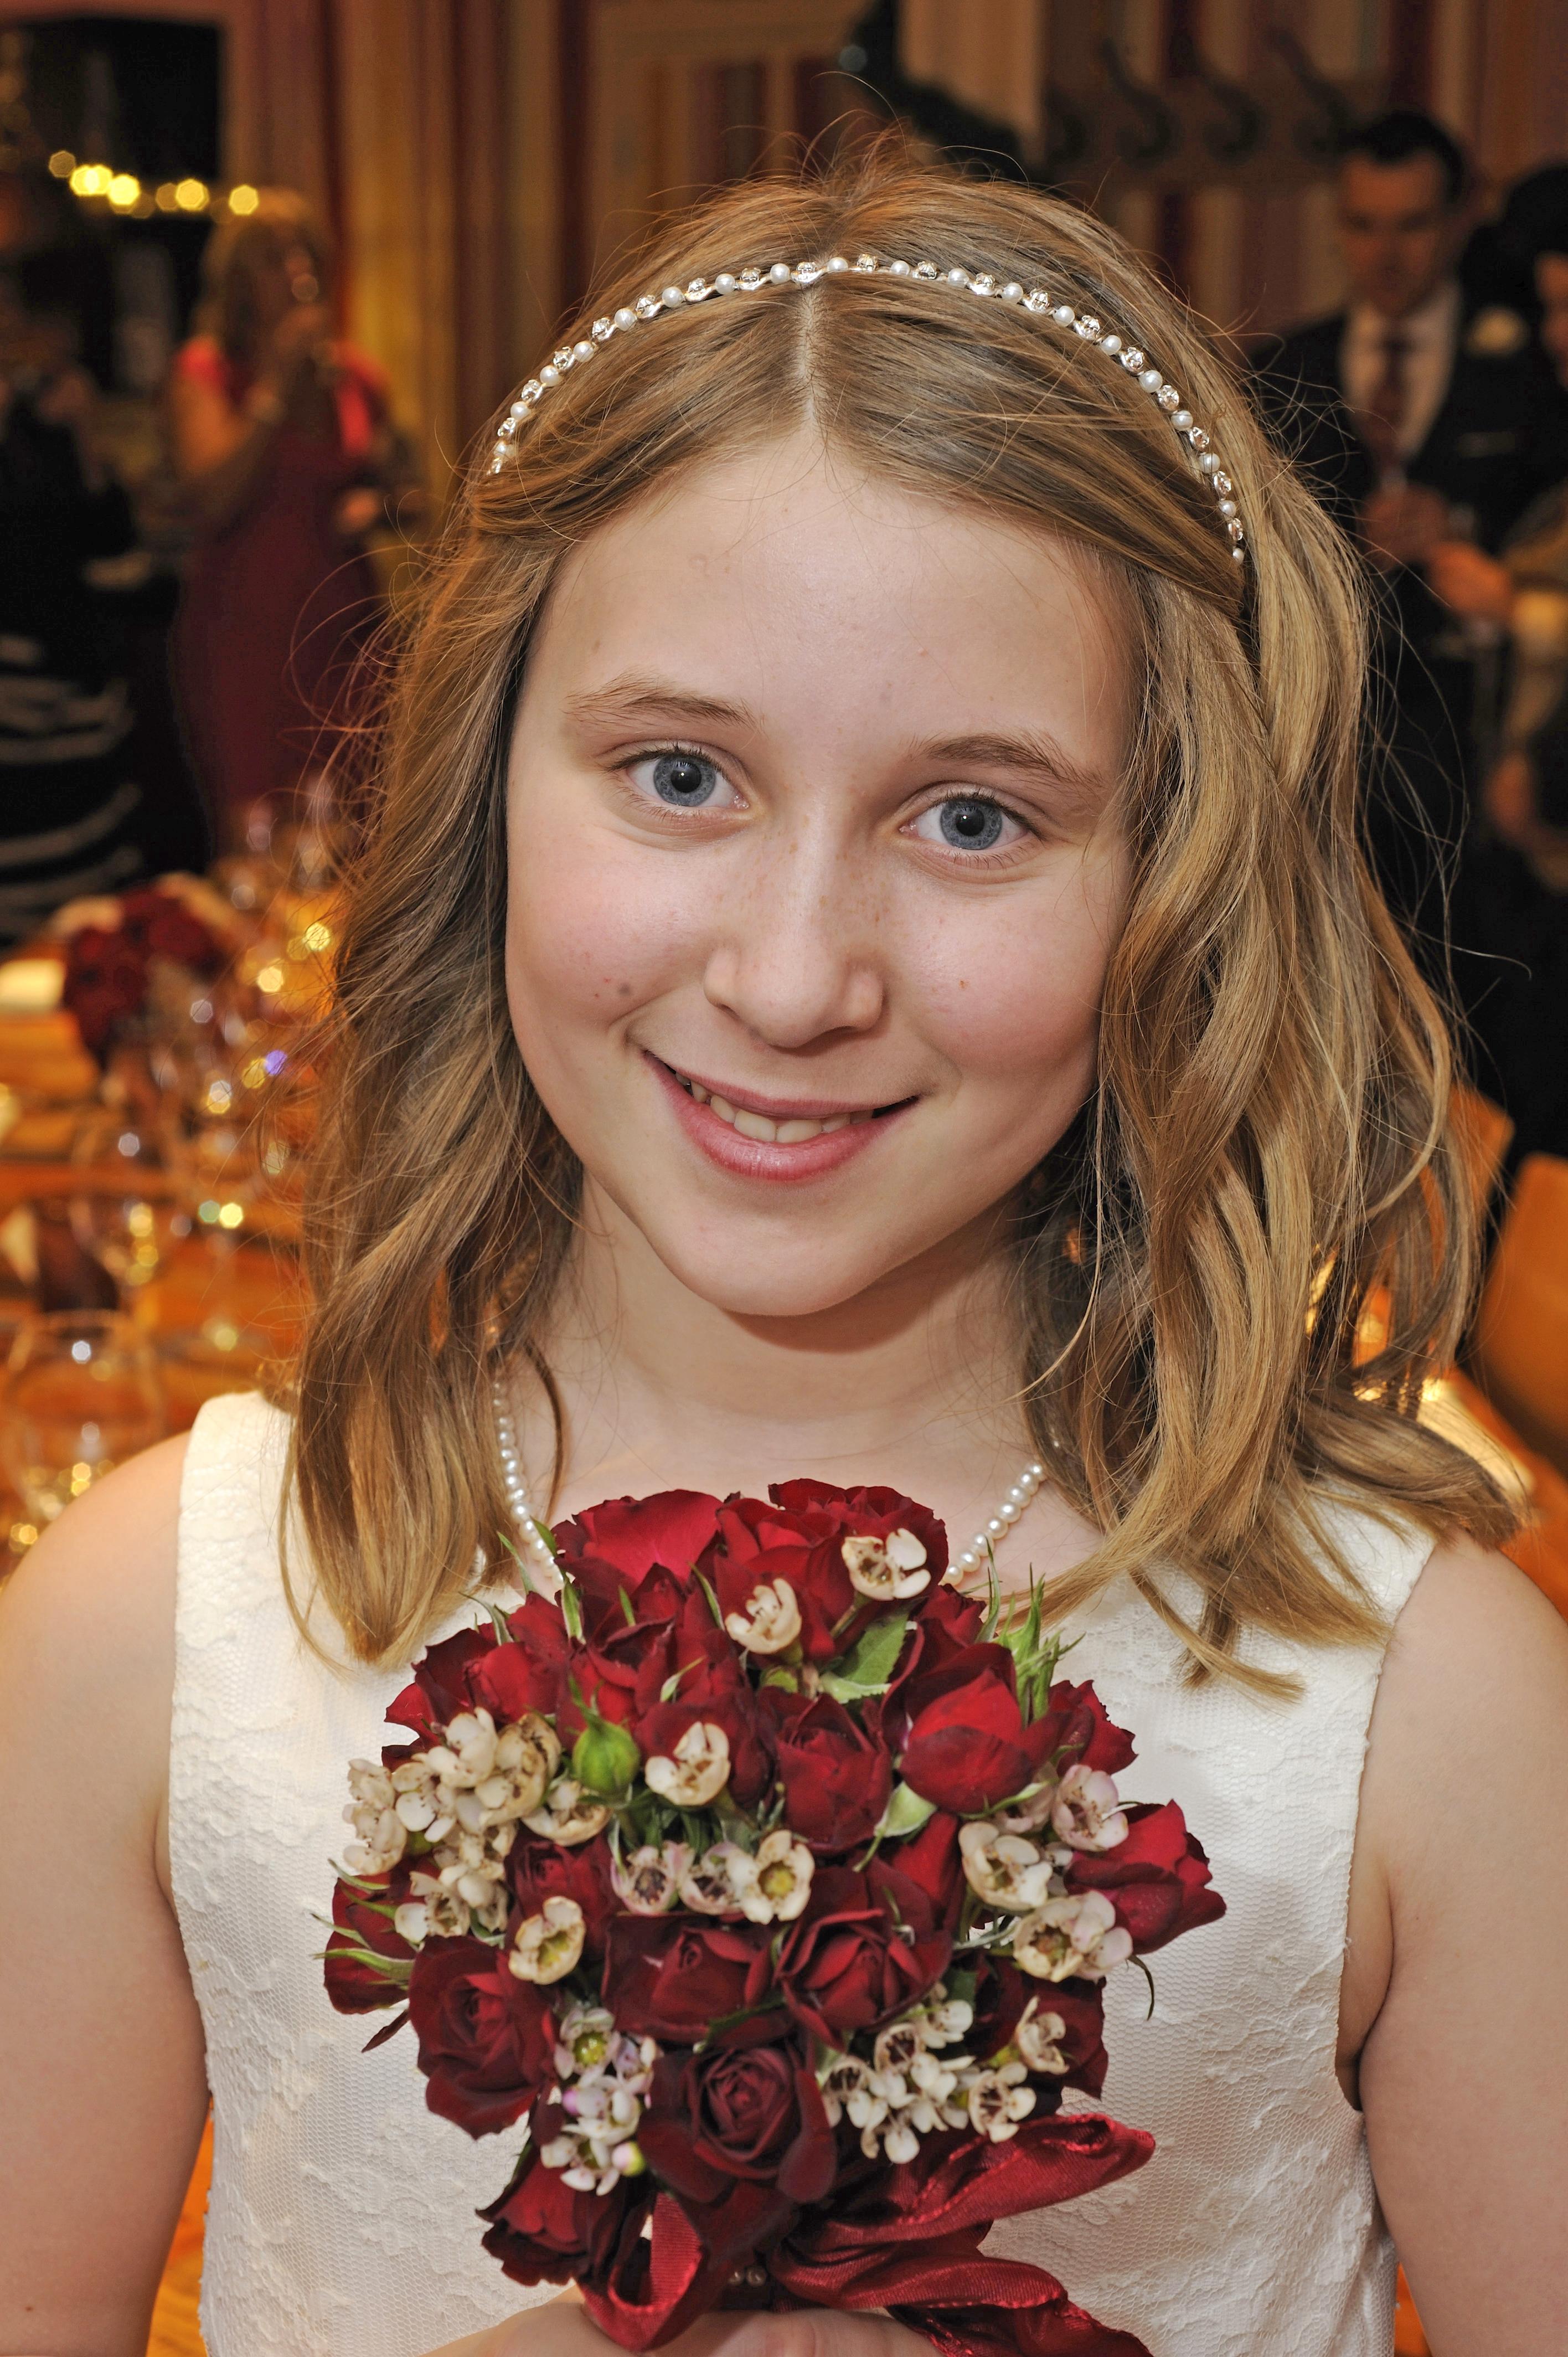 Flowergirl Curls, Glitter & Gloss